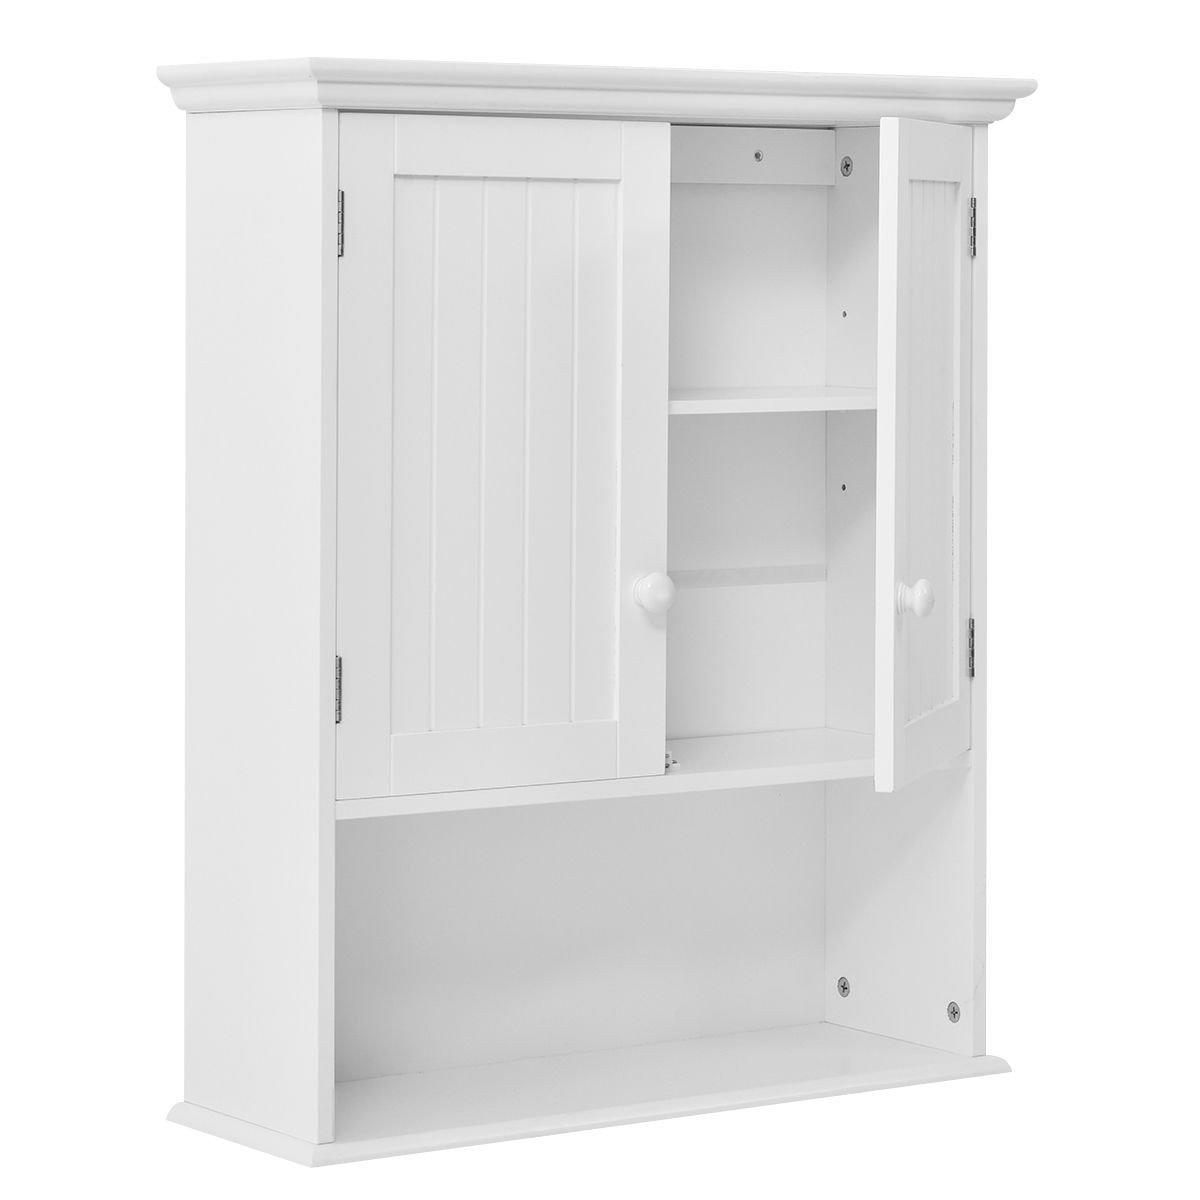 GentleShower Bathroom Medicine Cabinet Wall Mount Kitchen Storage Organizer Shelf Shelves